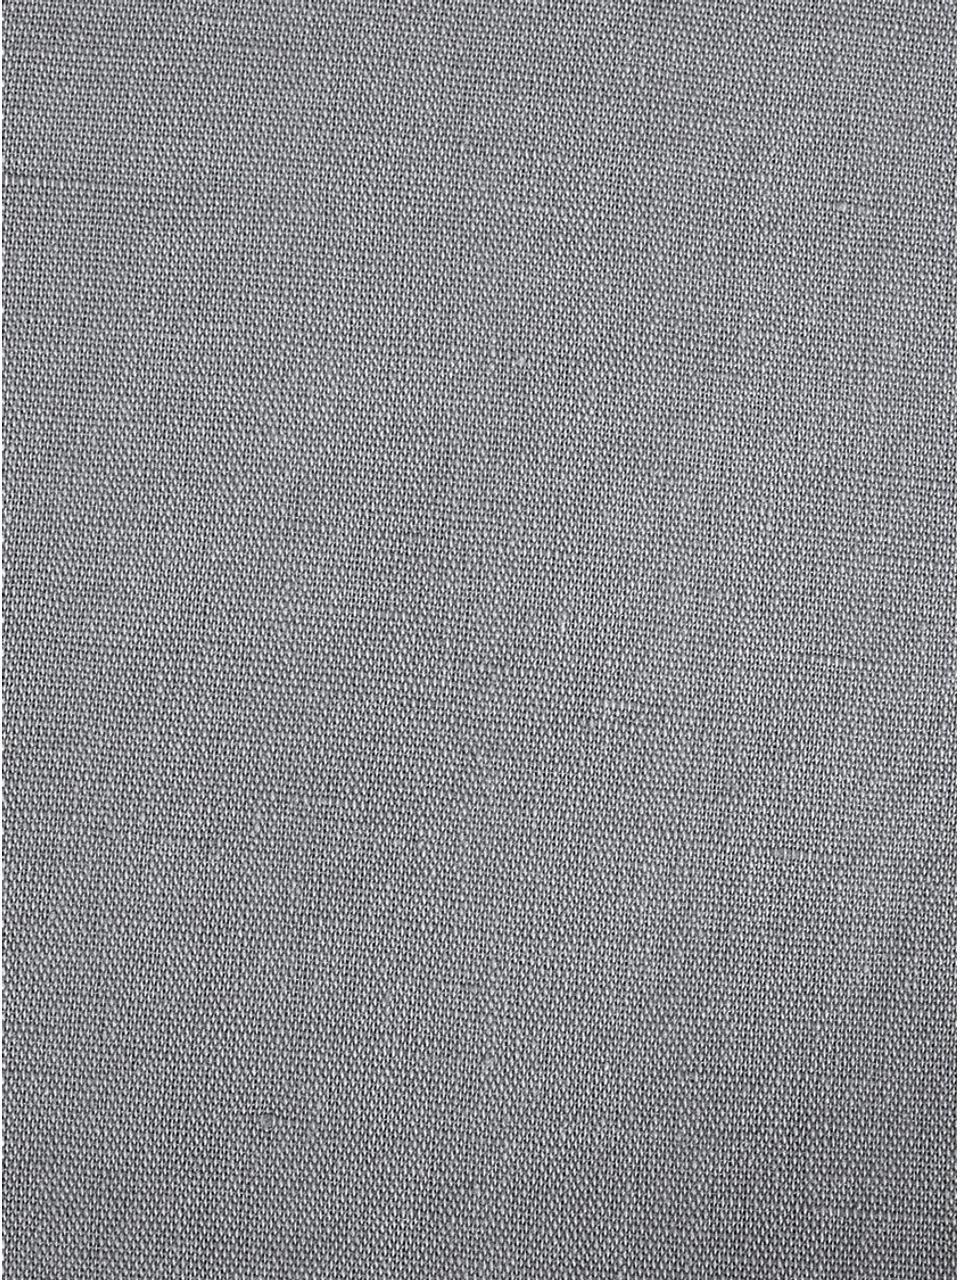 Gewaschene Leinen-Kissenbezüge Nature in Dunkelgrau, 2 Stück, Halbleinen (52% Leinen, 48% Baumwolle)  Fadendichte 108 TC, Standard Qualität  Halbleinen hat von Natur aus einen kernigen Griff und einen natürlichen Knitterlook, der durch den Stonewash-Effekt verstärkt wird. Es absorbiert bis zu 35% Luftfeuchtigkeit, trocknet sehr schnell und wirkt in Sommernächten angenehm kühlend. Die hohe Reißfestigkeit macht Halbleinen scheuerfest und strapazierfähig., Dunkelgrau, 40 x 80 cm